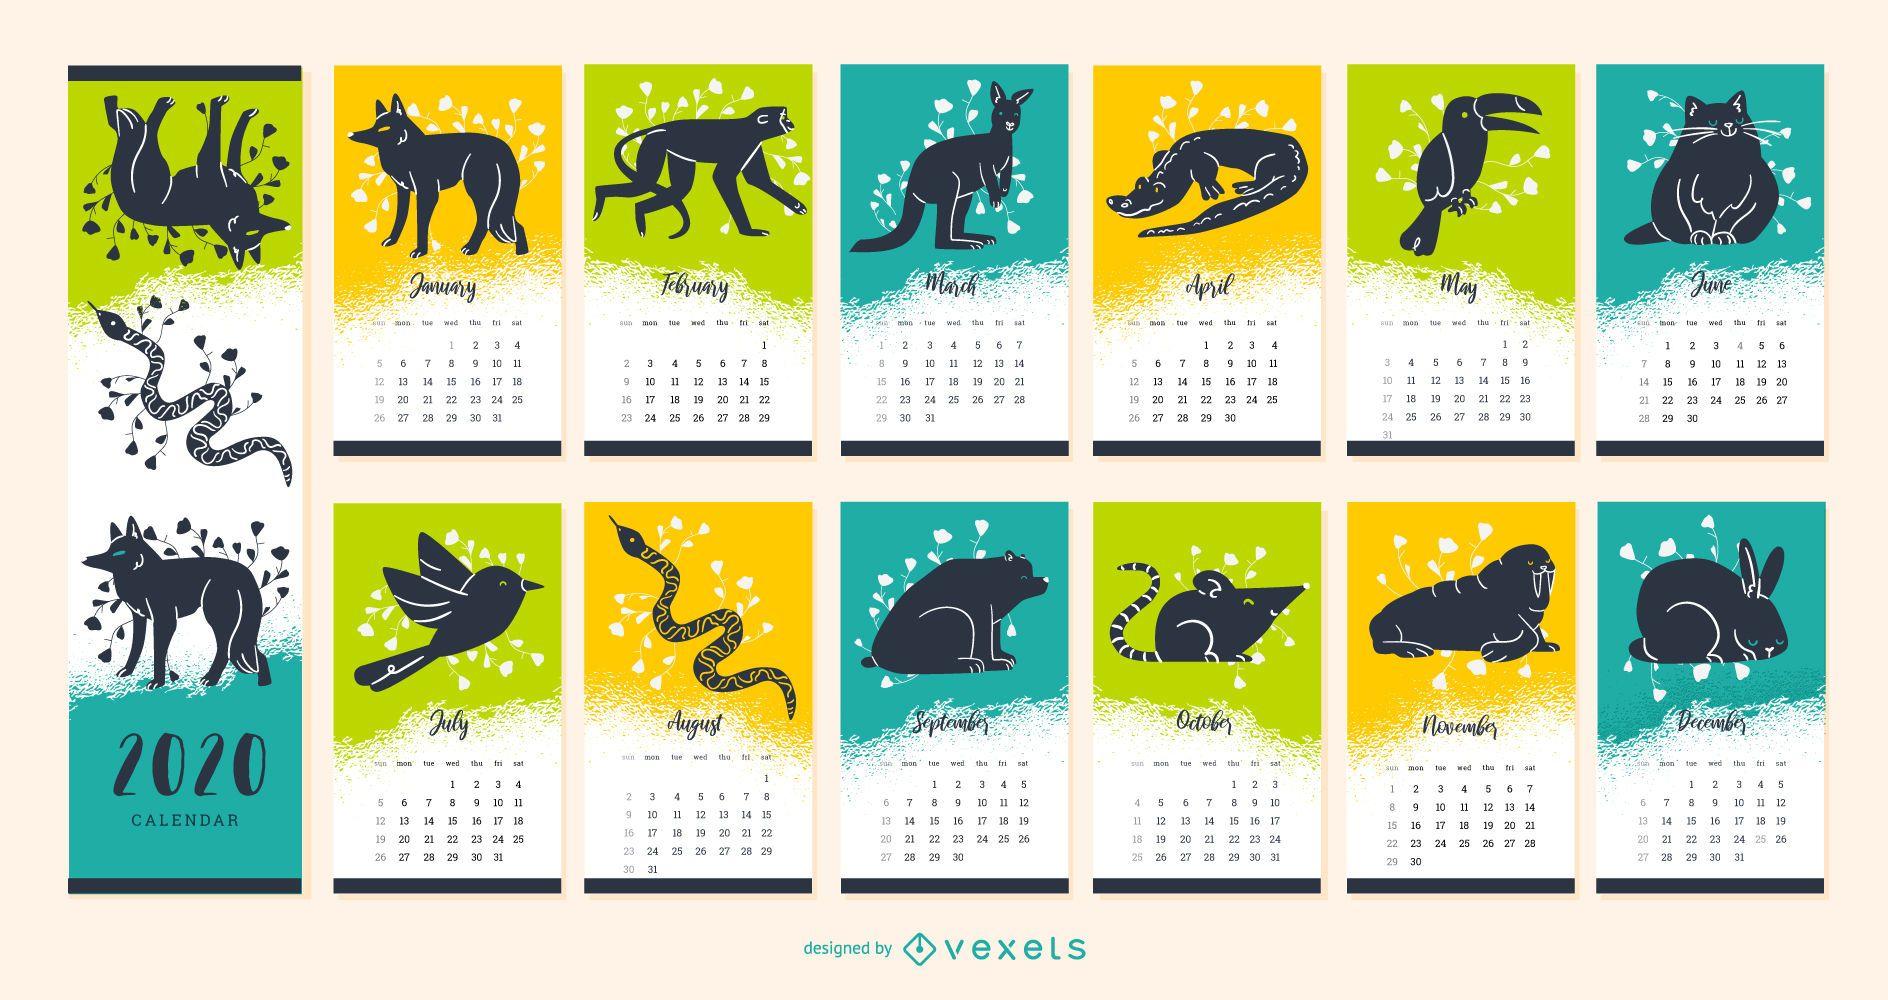 Year 2020 Animal Calendar Design